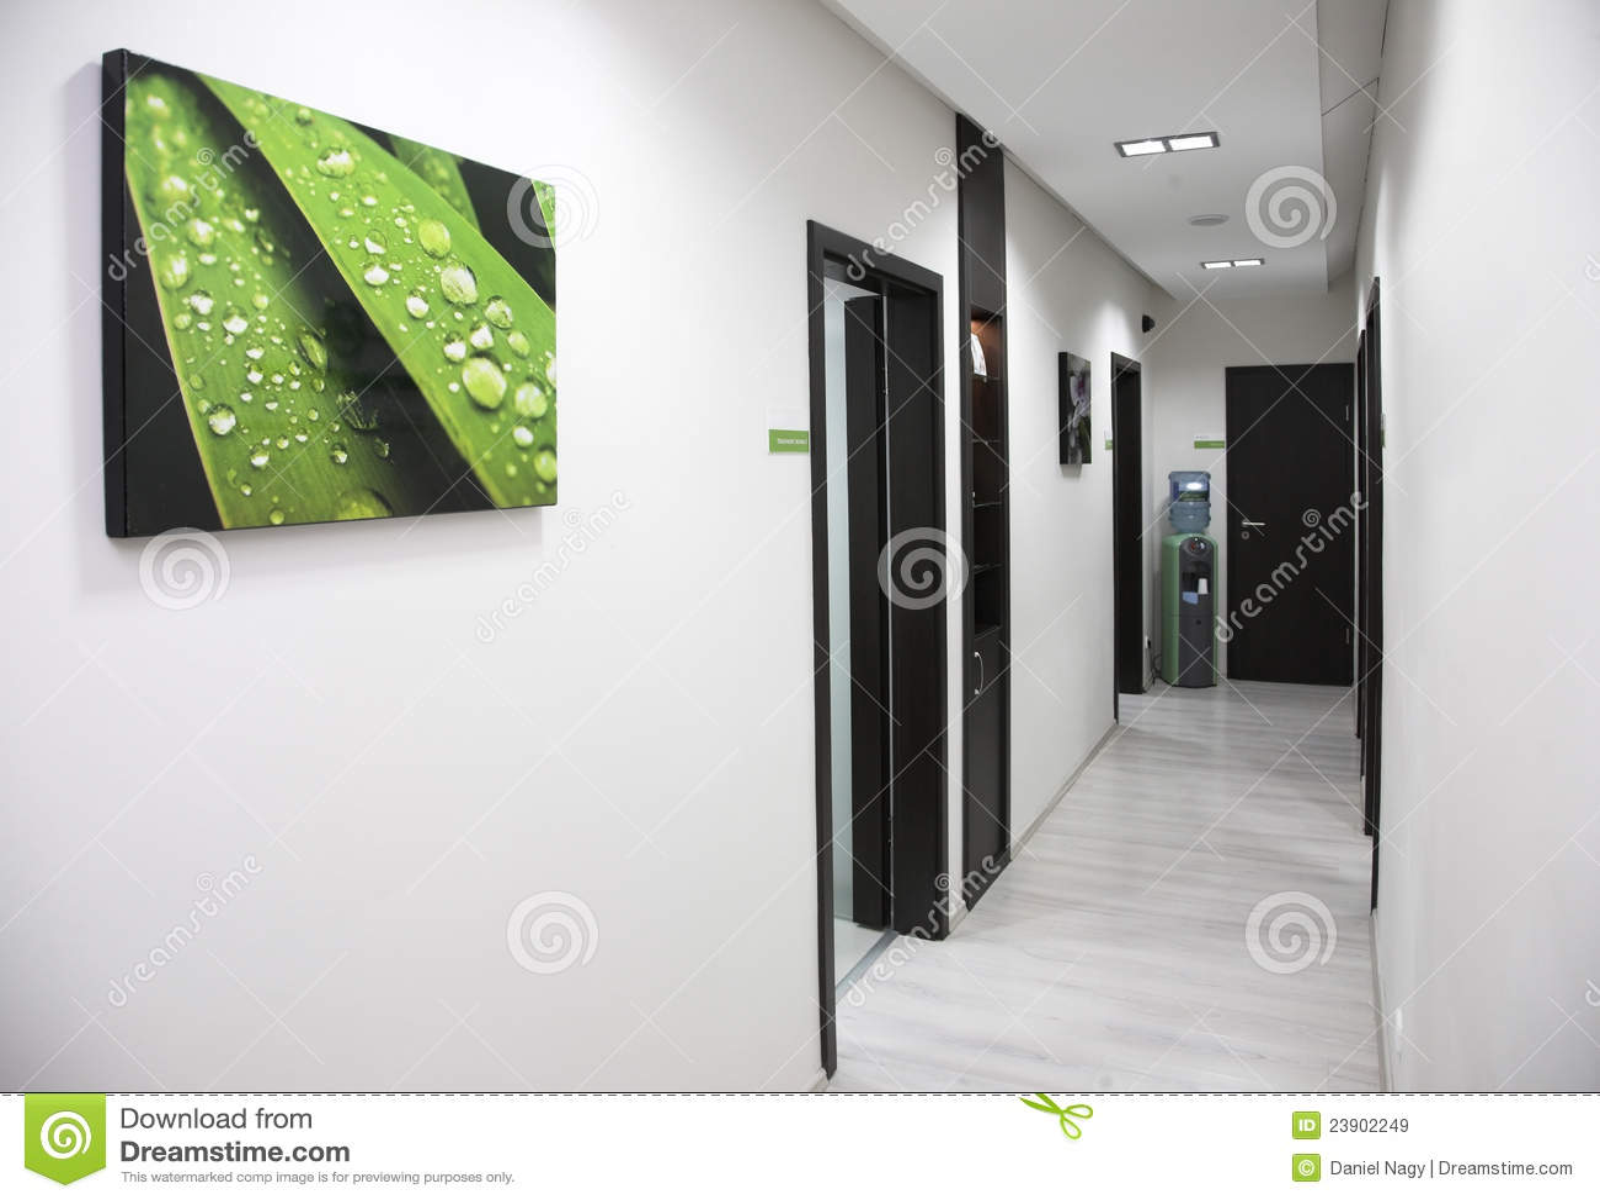 绿色走廊停止的图象叶子墙壁湿白色图片